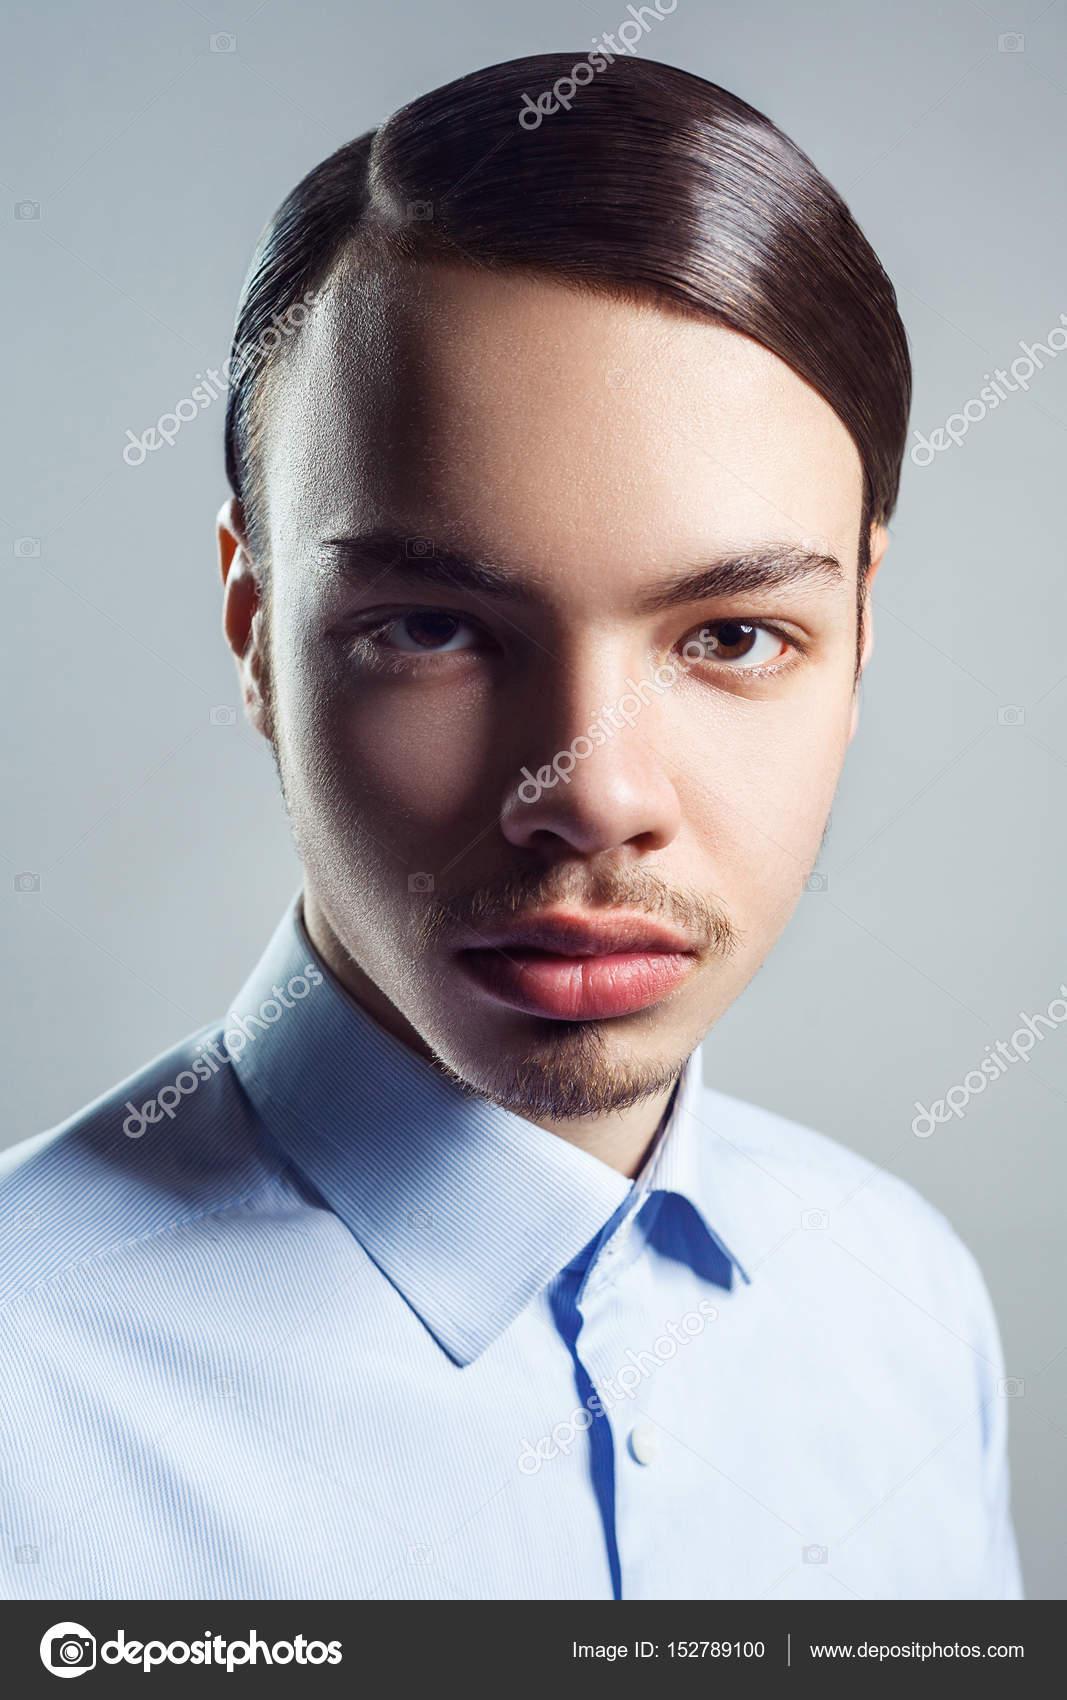 Retrato De Hombre Joven Con Peinado Clásico Retro Estudio